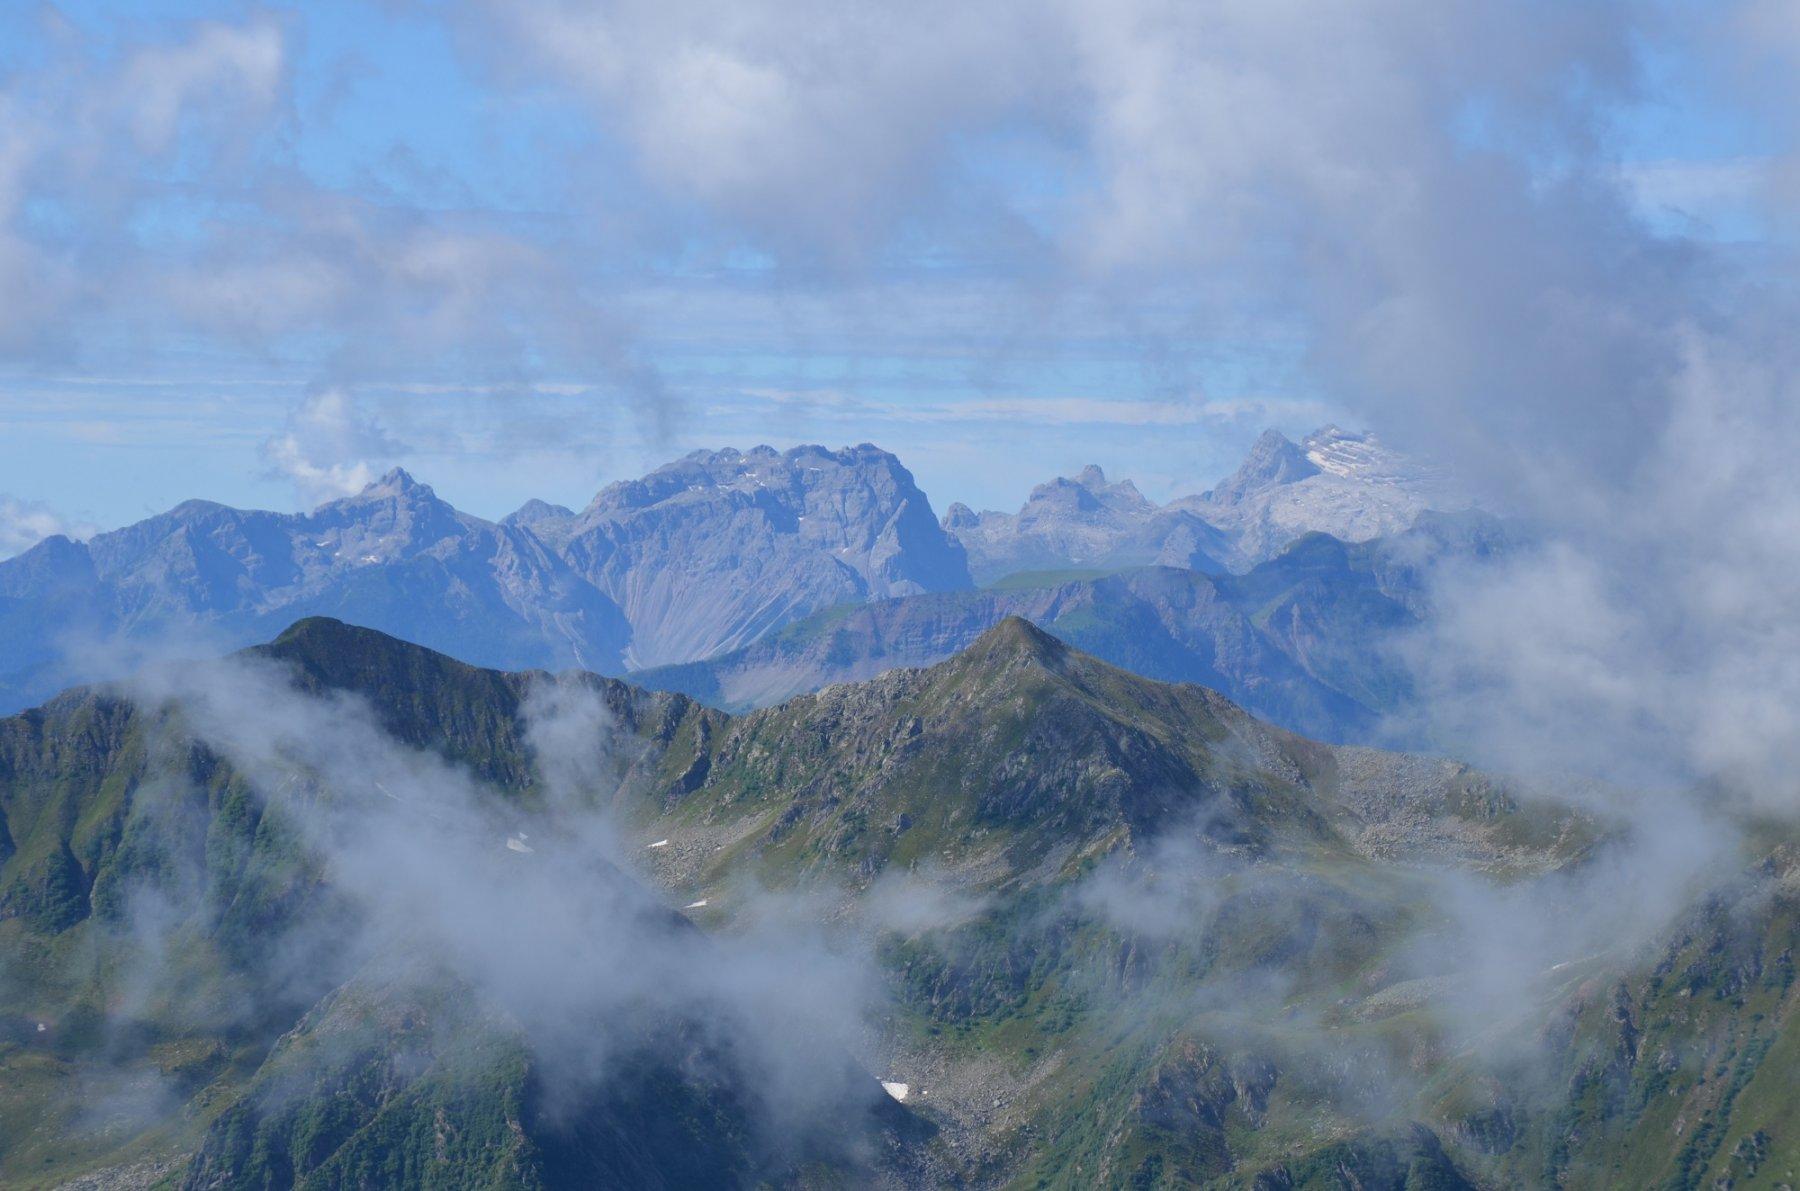 Gruppo del Brenta tra le nuvole